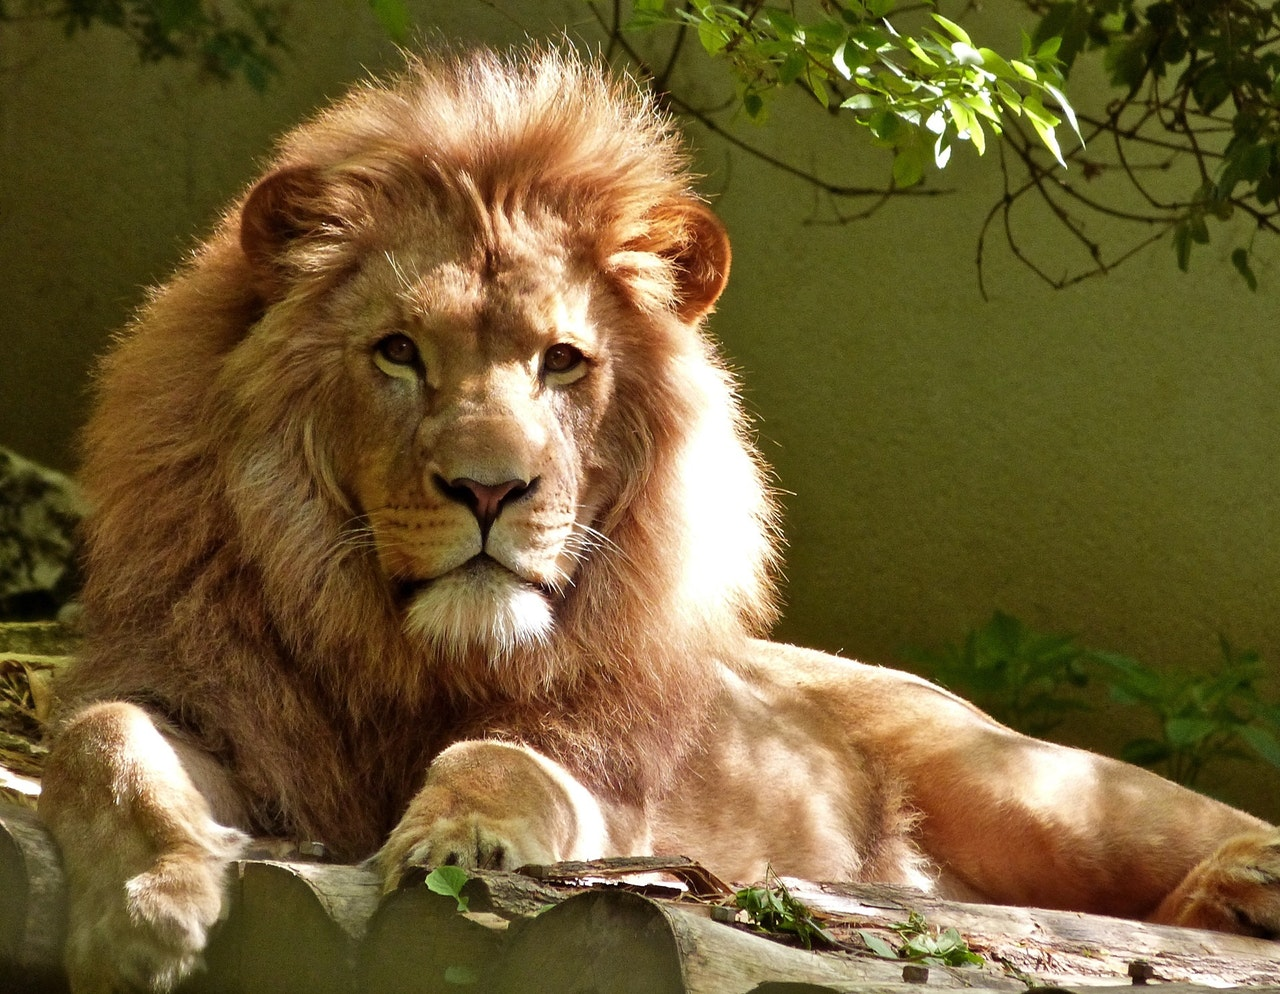 O leão é considerado o Rei da Selva pela sua fama de astuto e inteligência, entre outras características.